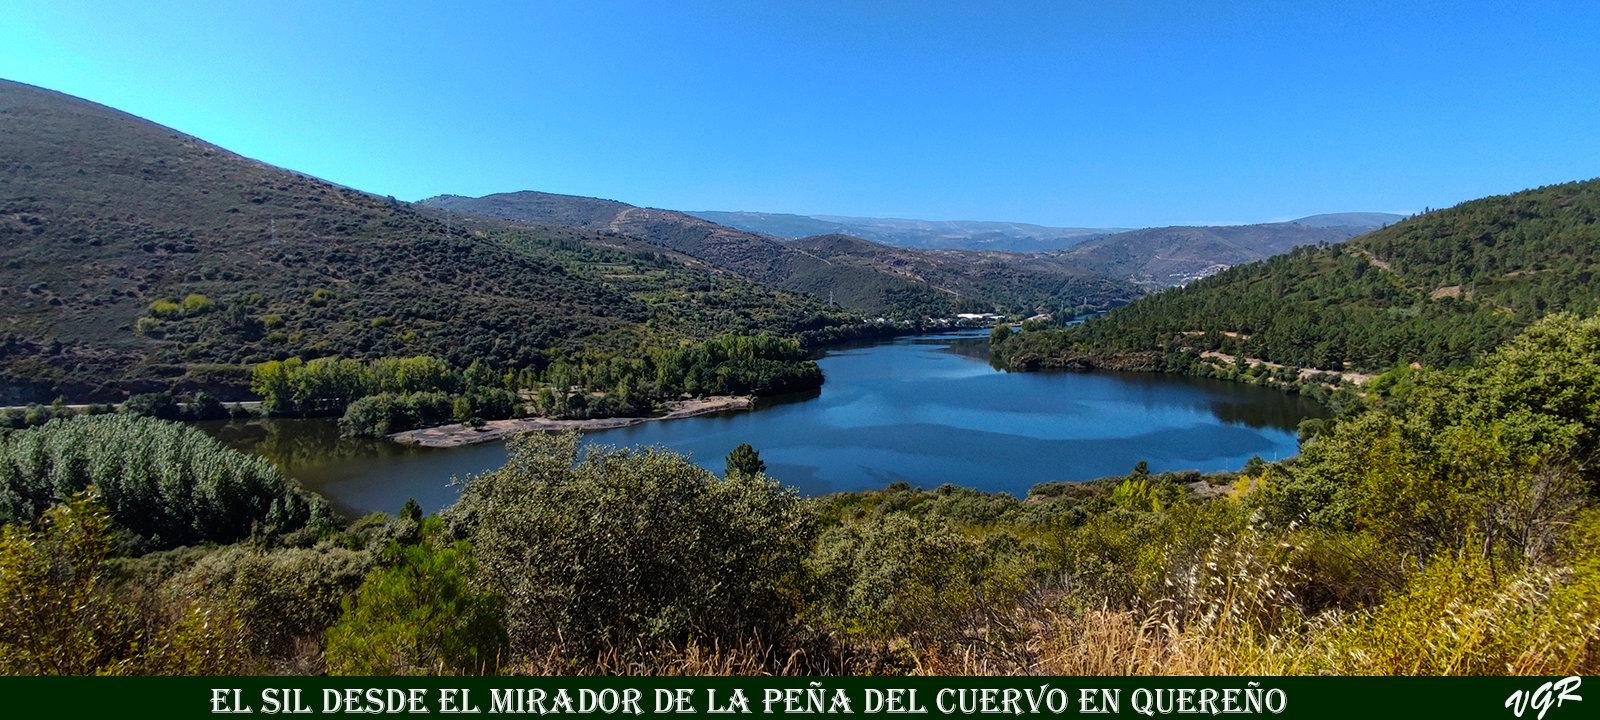 19-Sil desde mirador Peña del Cuervo-2-WEB.jpg